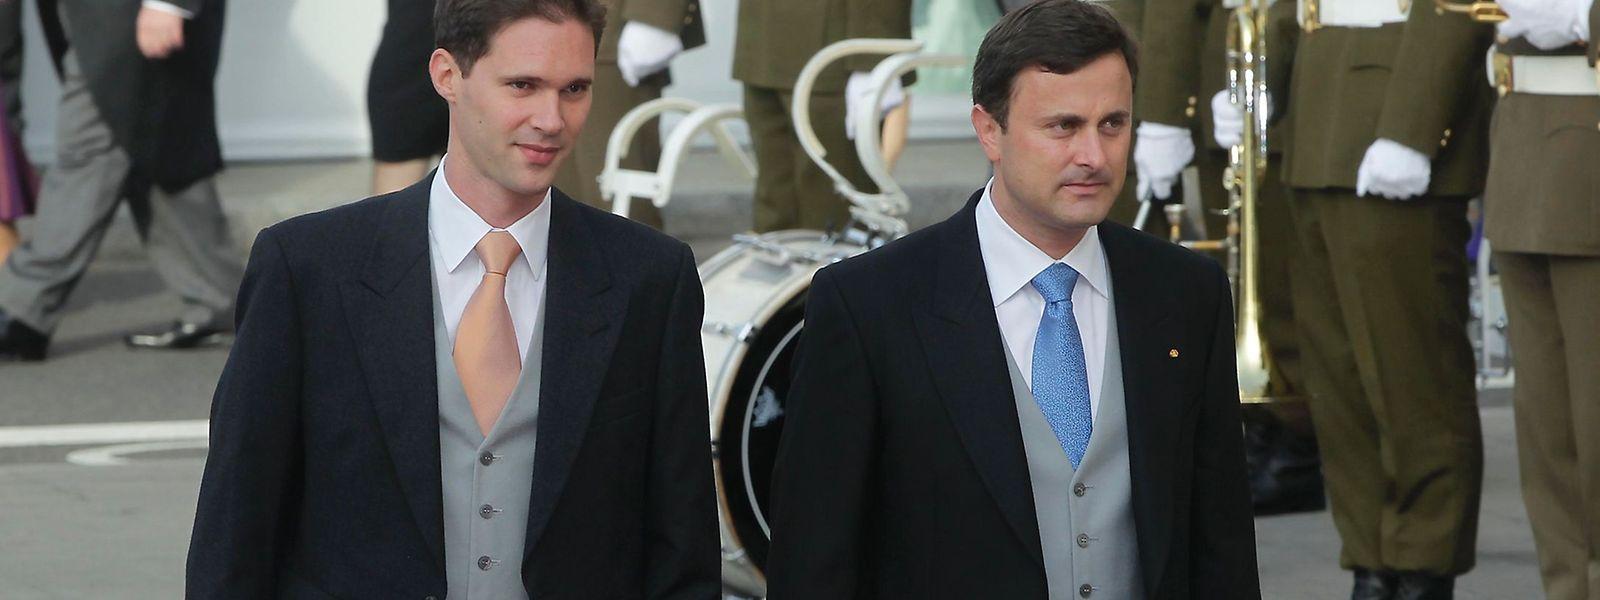 Em 2012, Xavier Bettel assistiu com o companheiro à cerimónia religiosa do casamento do grão-duque herdeiro, na catedral do Luxemburgo, uma pequena revolução nos costumes num país conservador